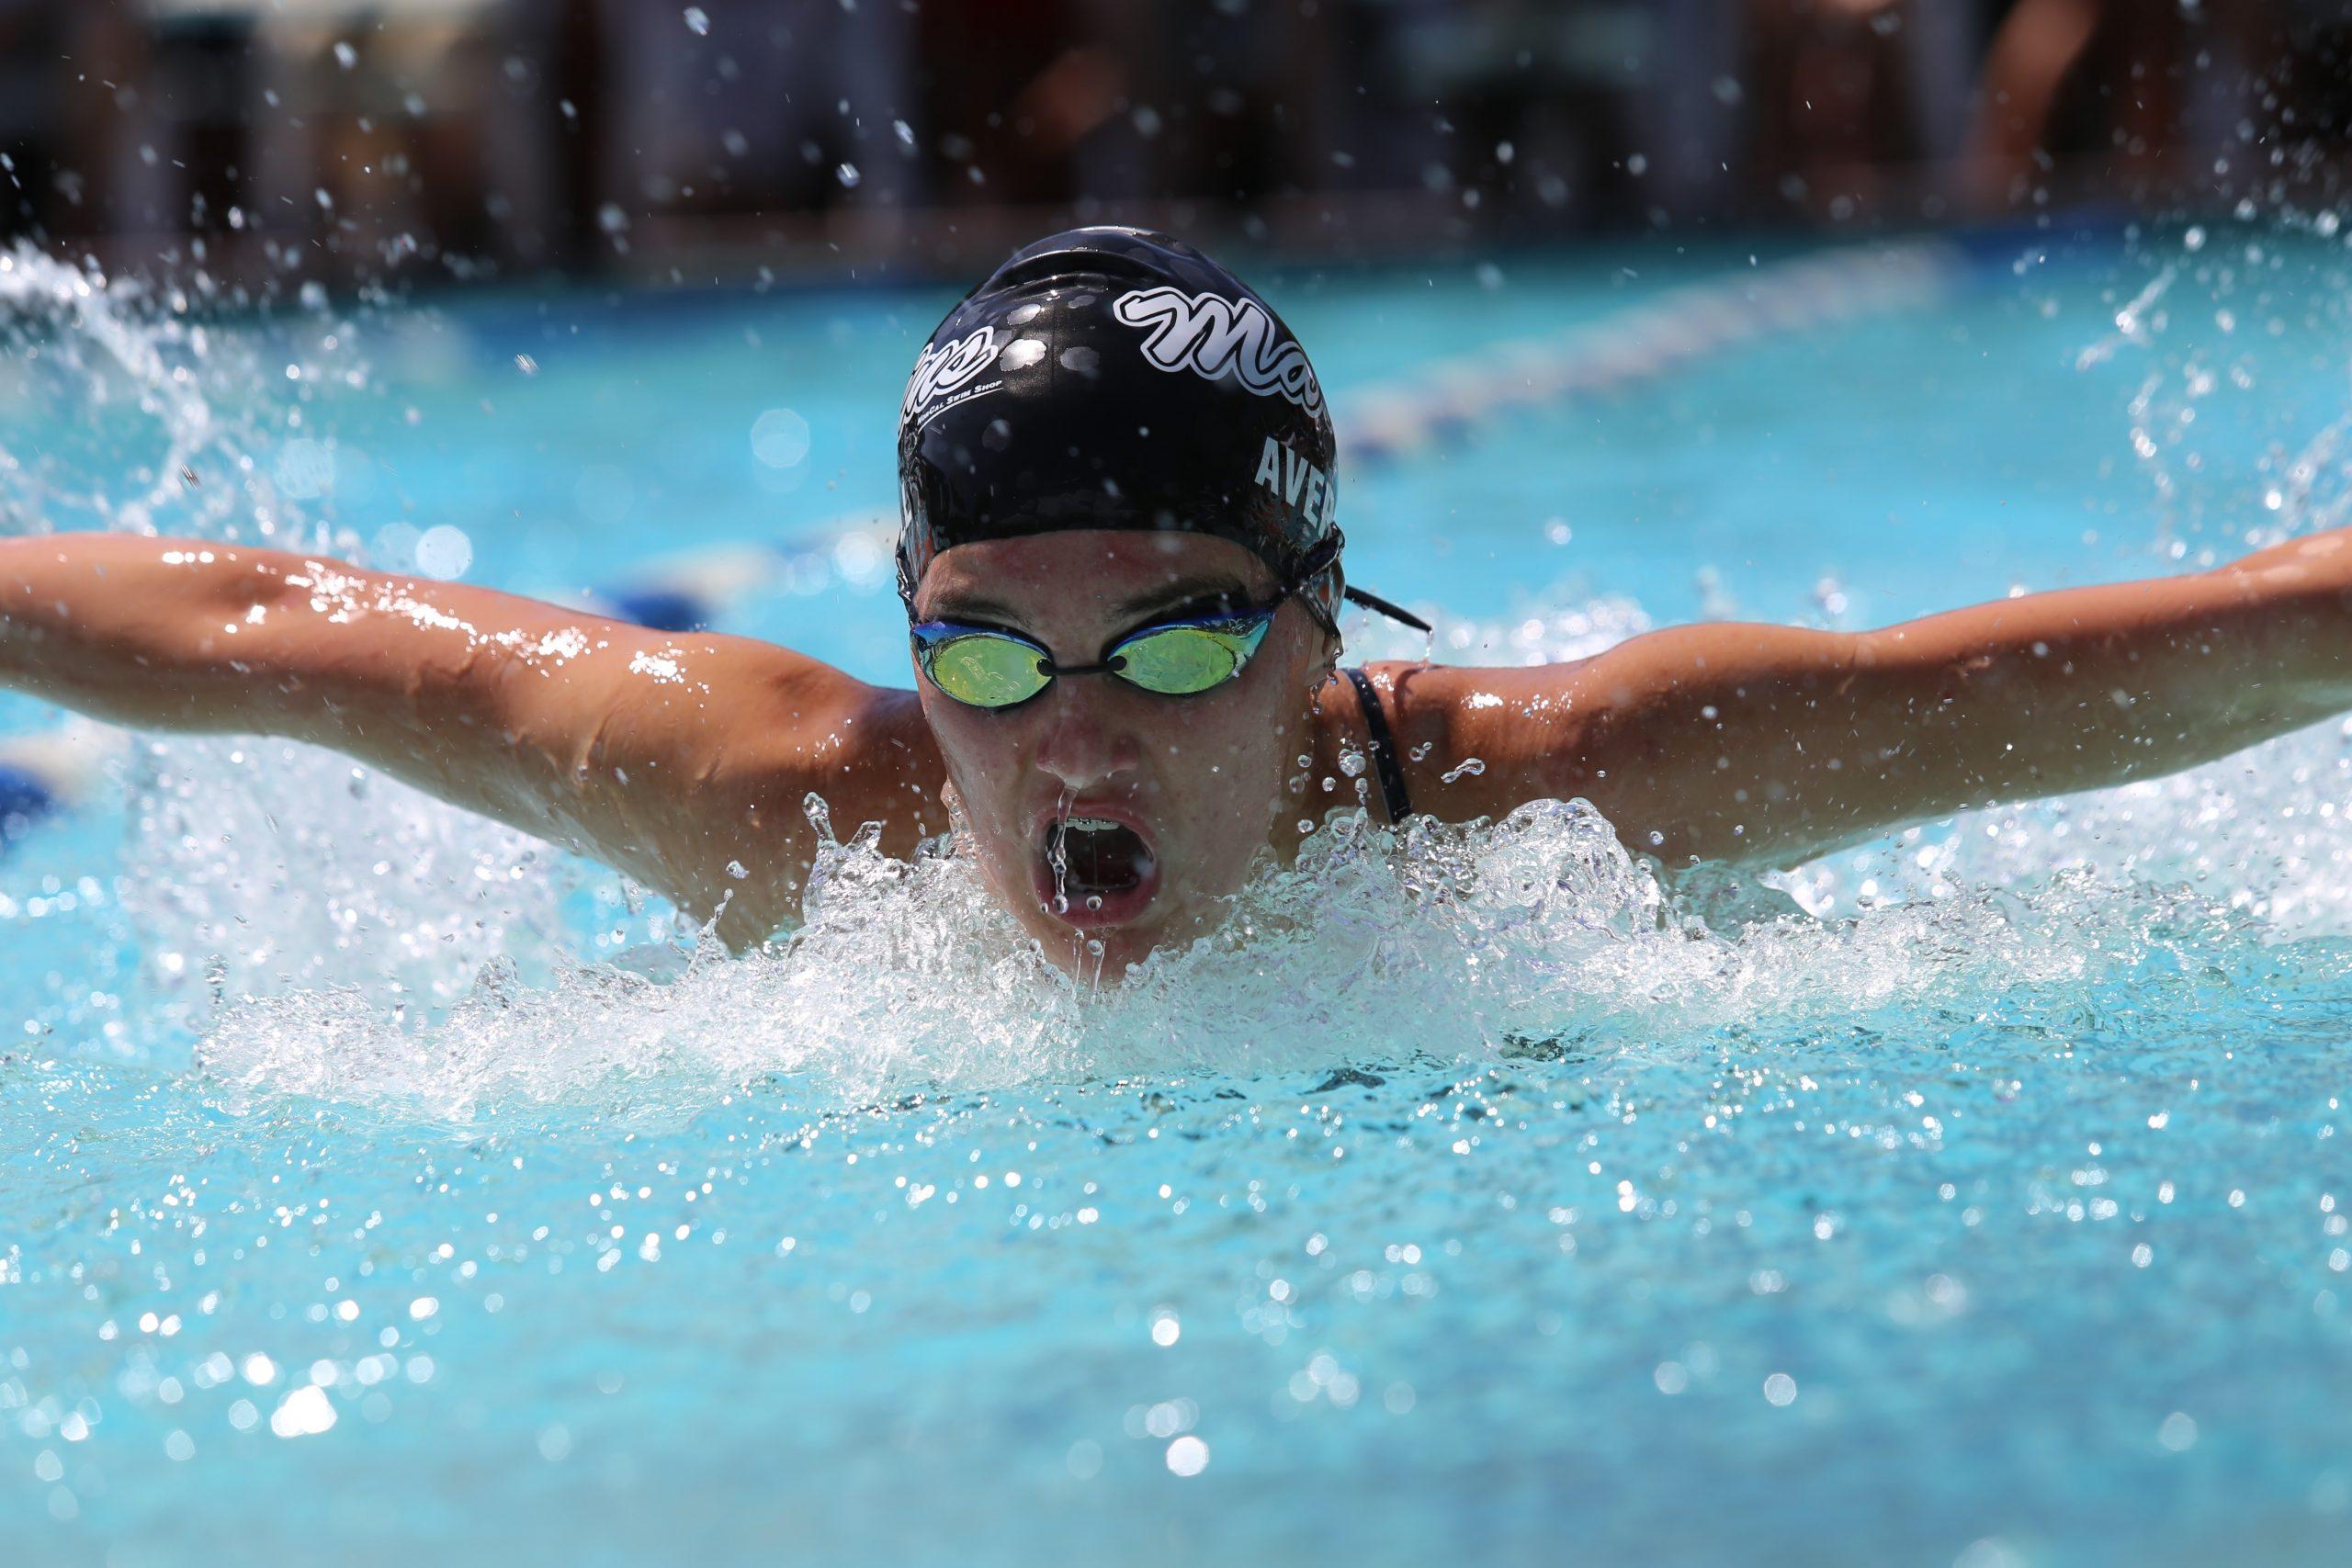 Imagem de uma pessoa nadando.